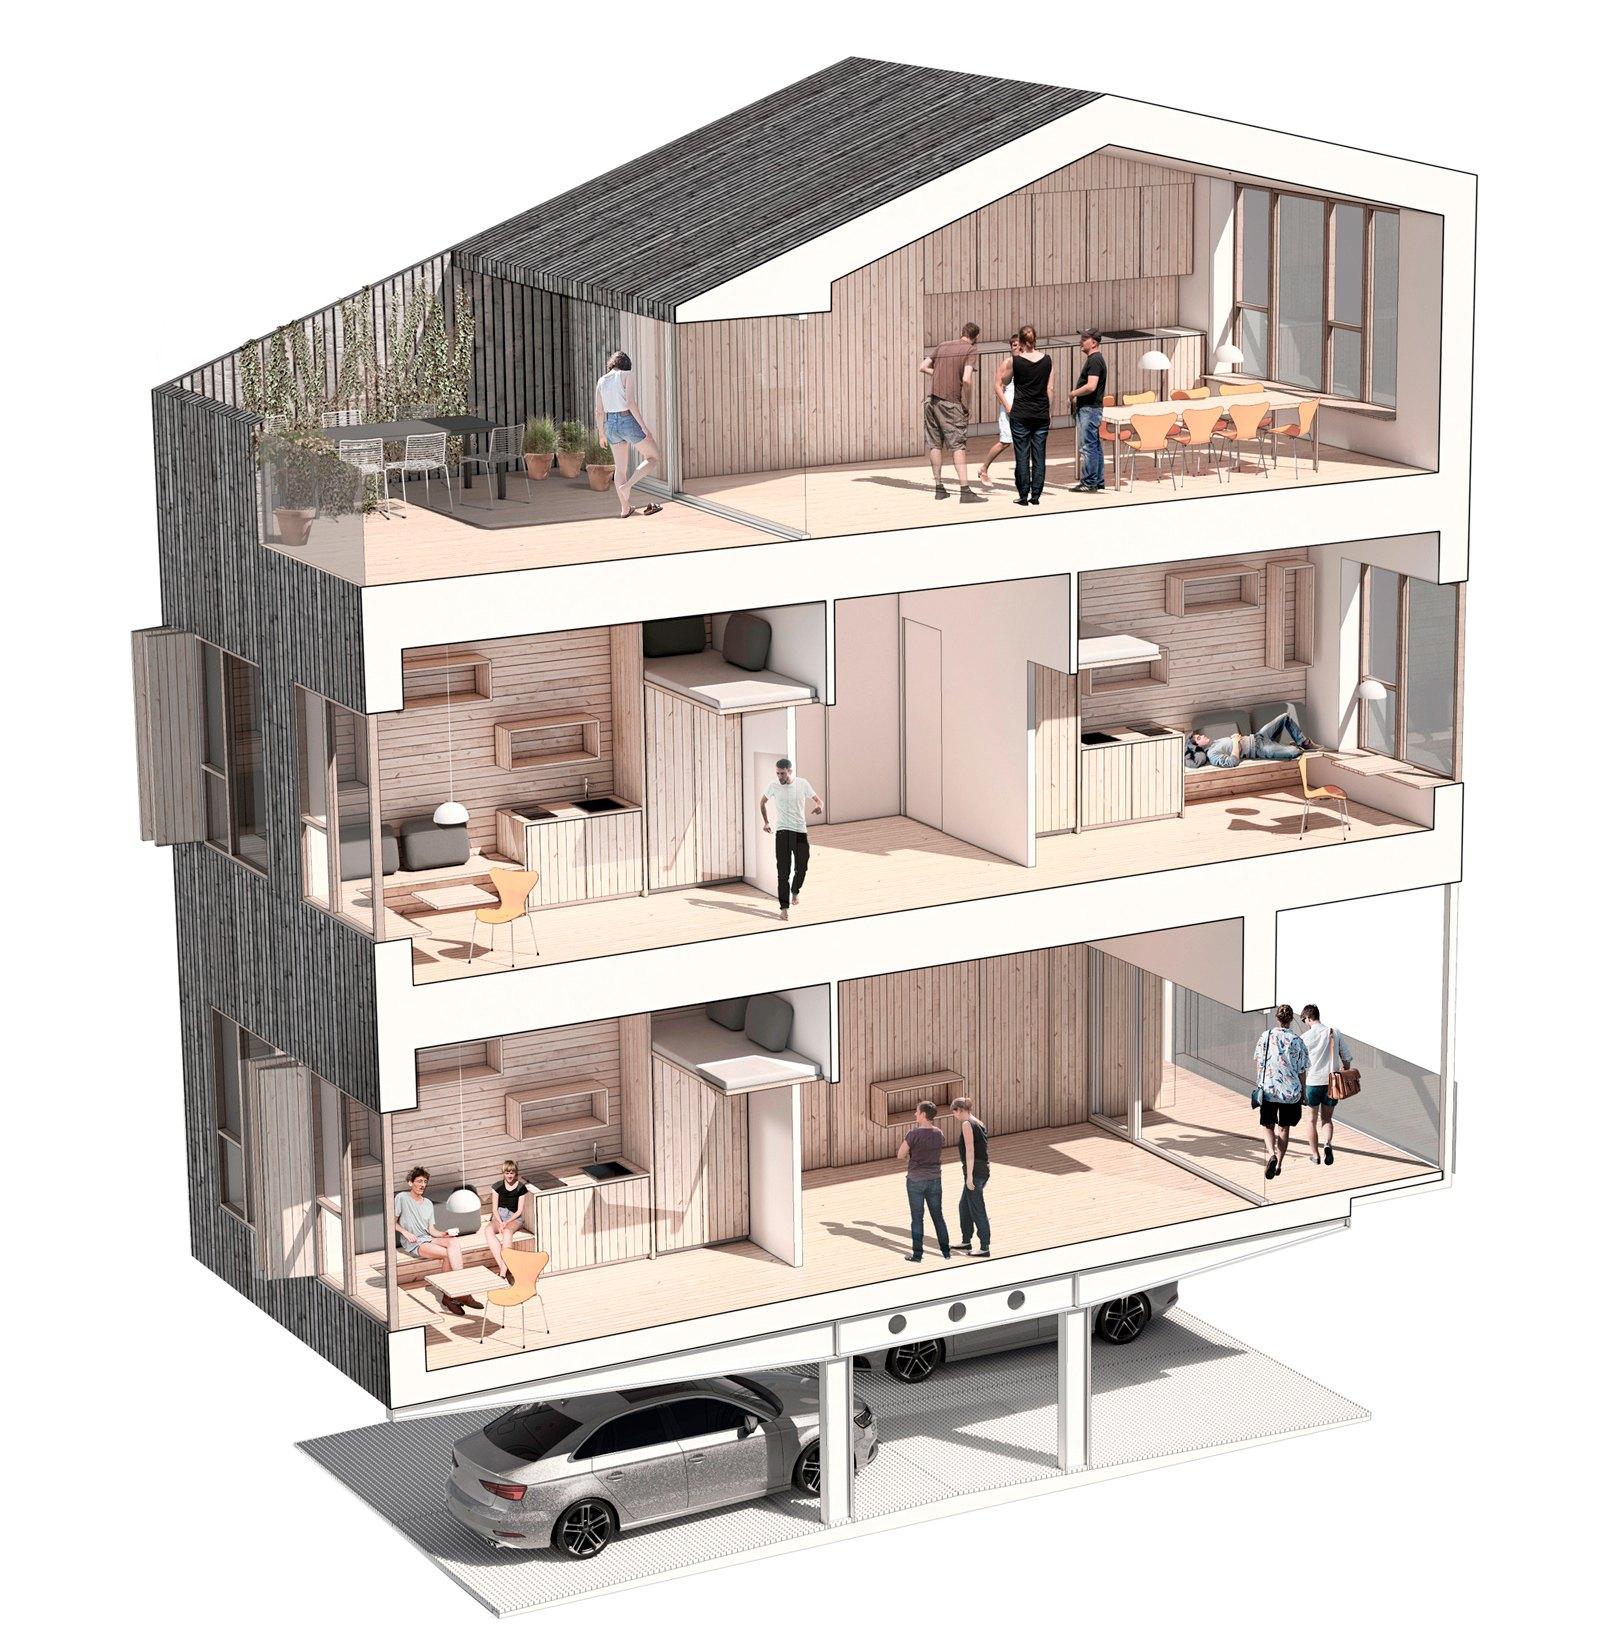 Park.-Living-Studieboliger-ONV-arkitekter-præfab-boliger-Prefab-housing